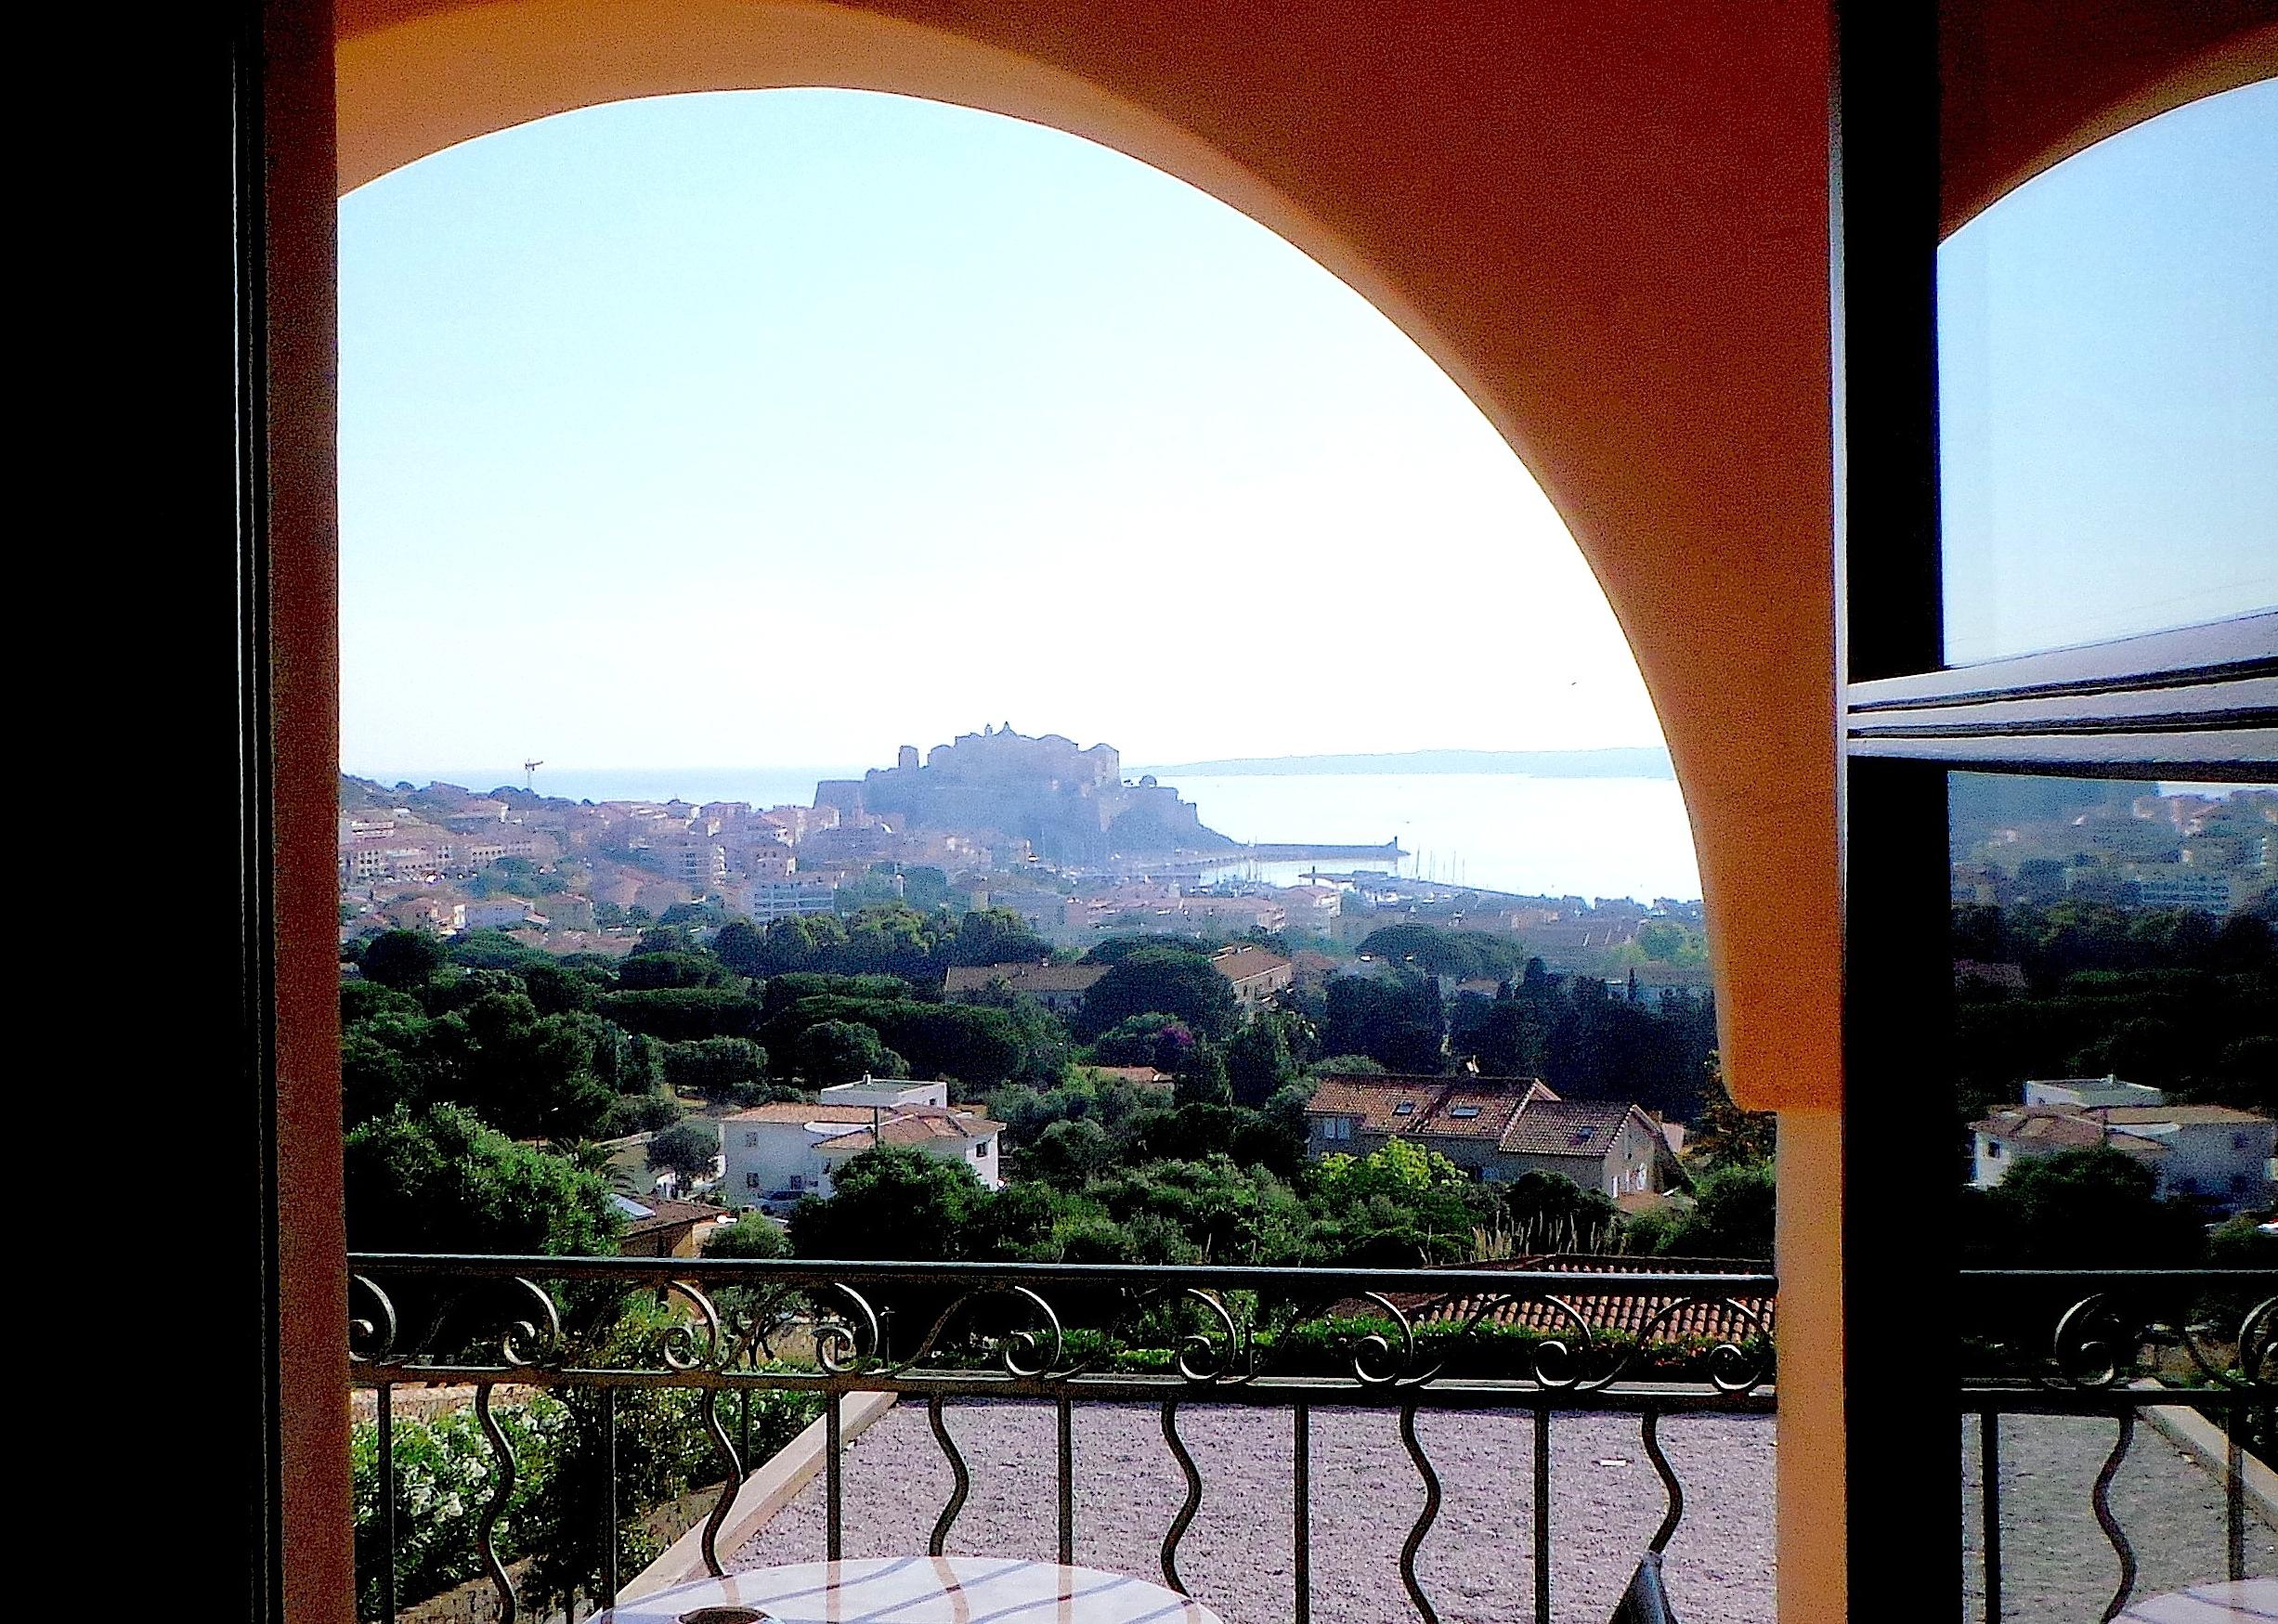 Hôtels : La Corse meilleure qu'Ibiza